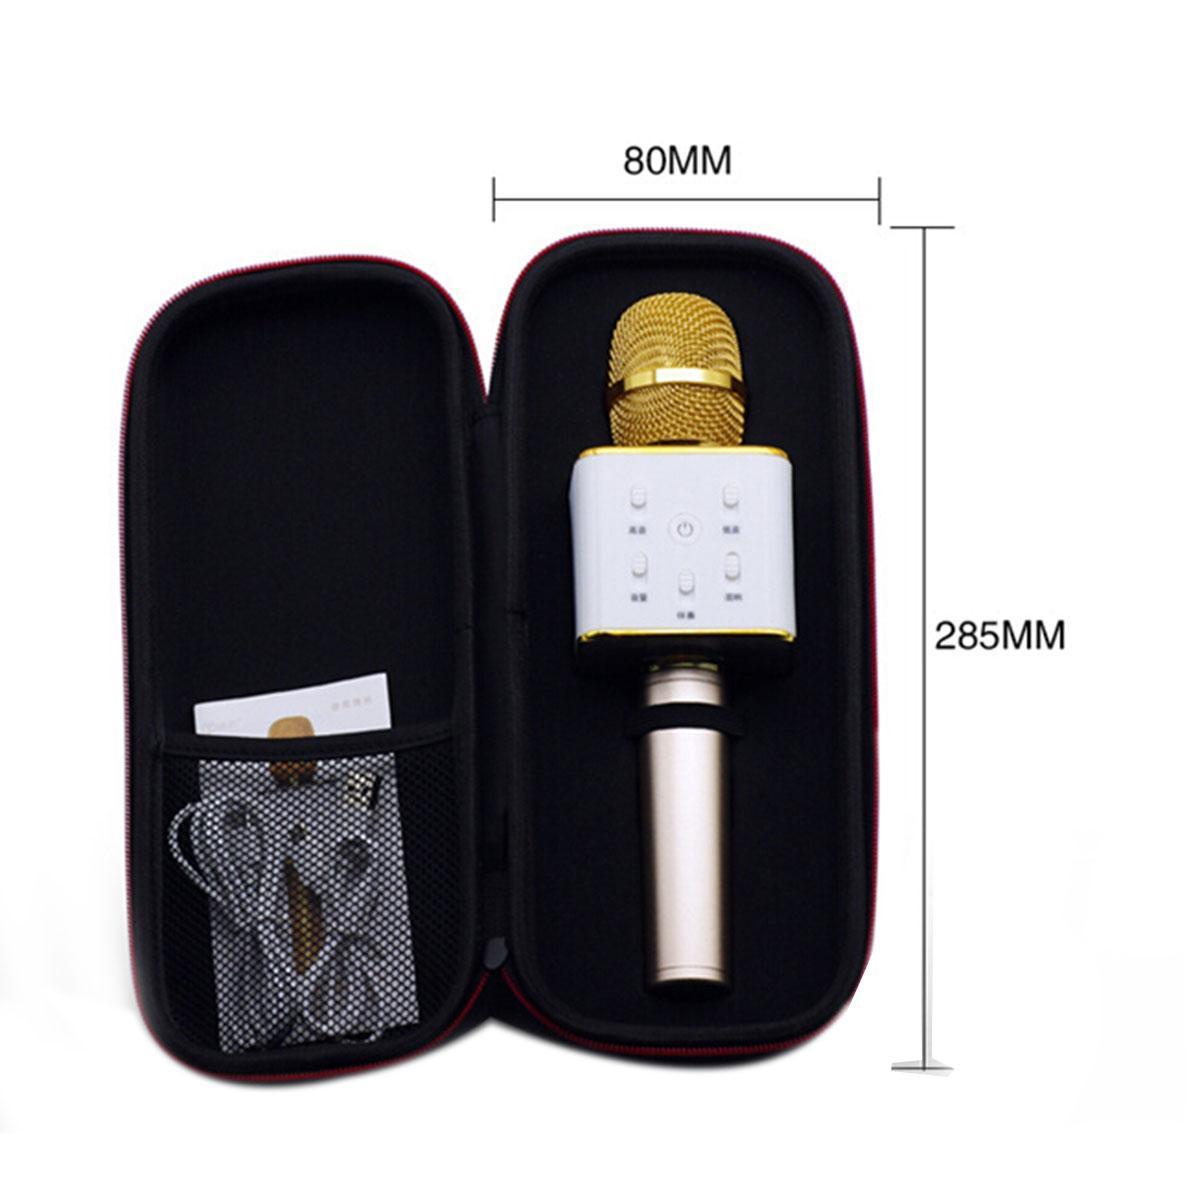 الكاريوكي Q7 يده ميكروفون بلوتوث اللاسلكية ktv مع مكبر الصوت ميكروفون microfono المحمولة مشغل كاريوكي مجانا dhl